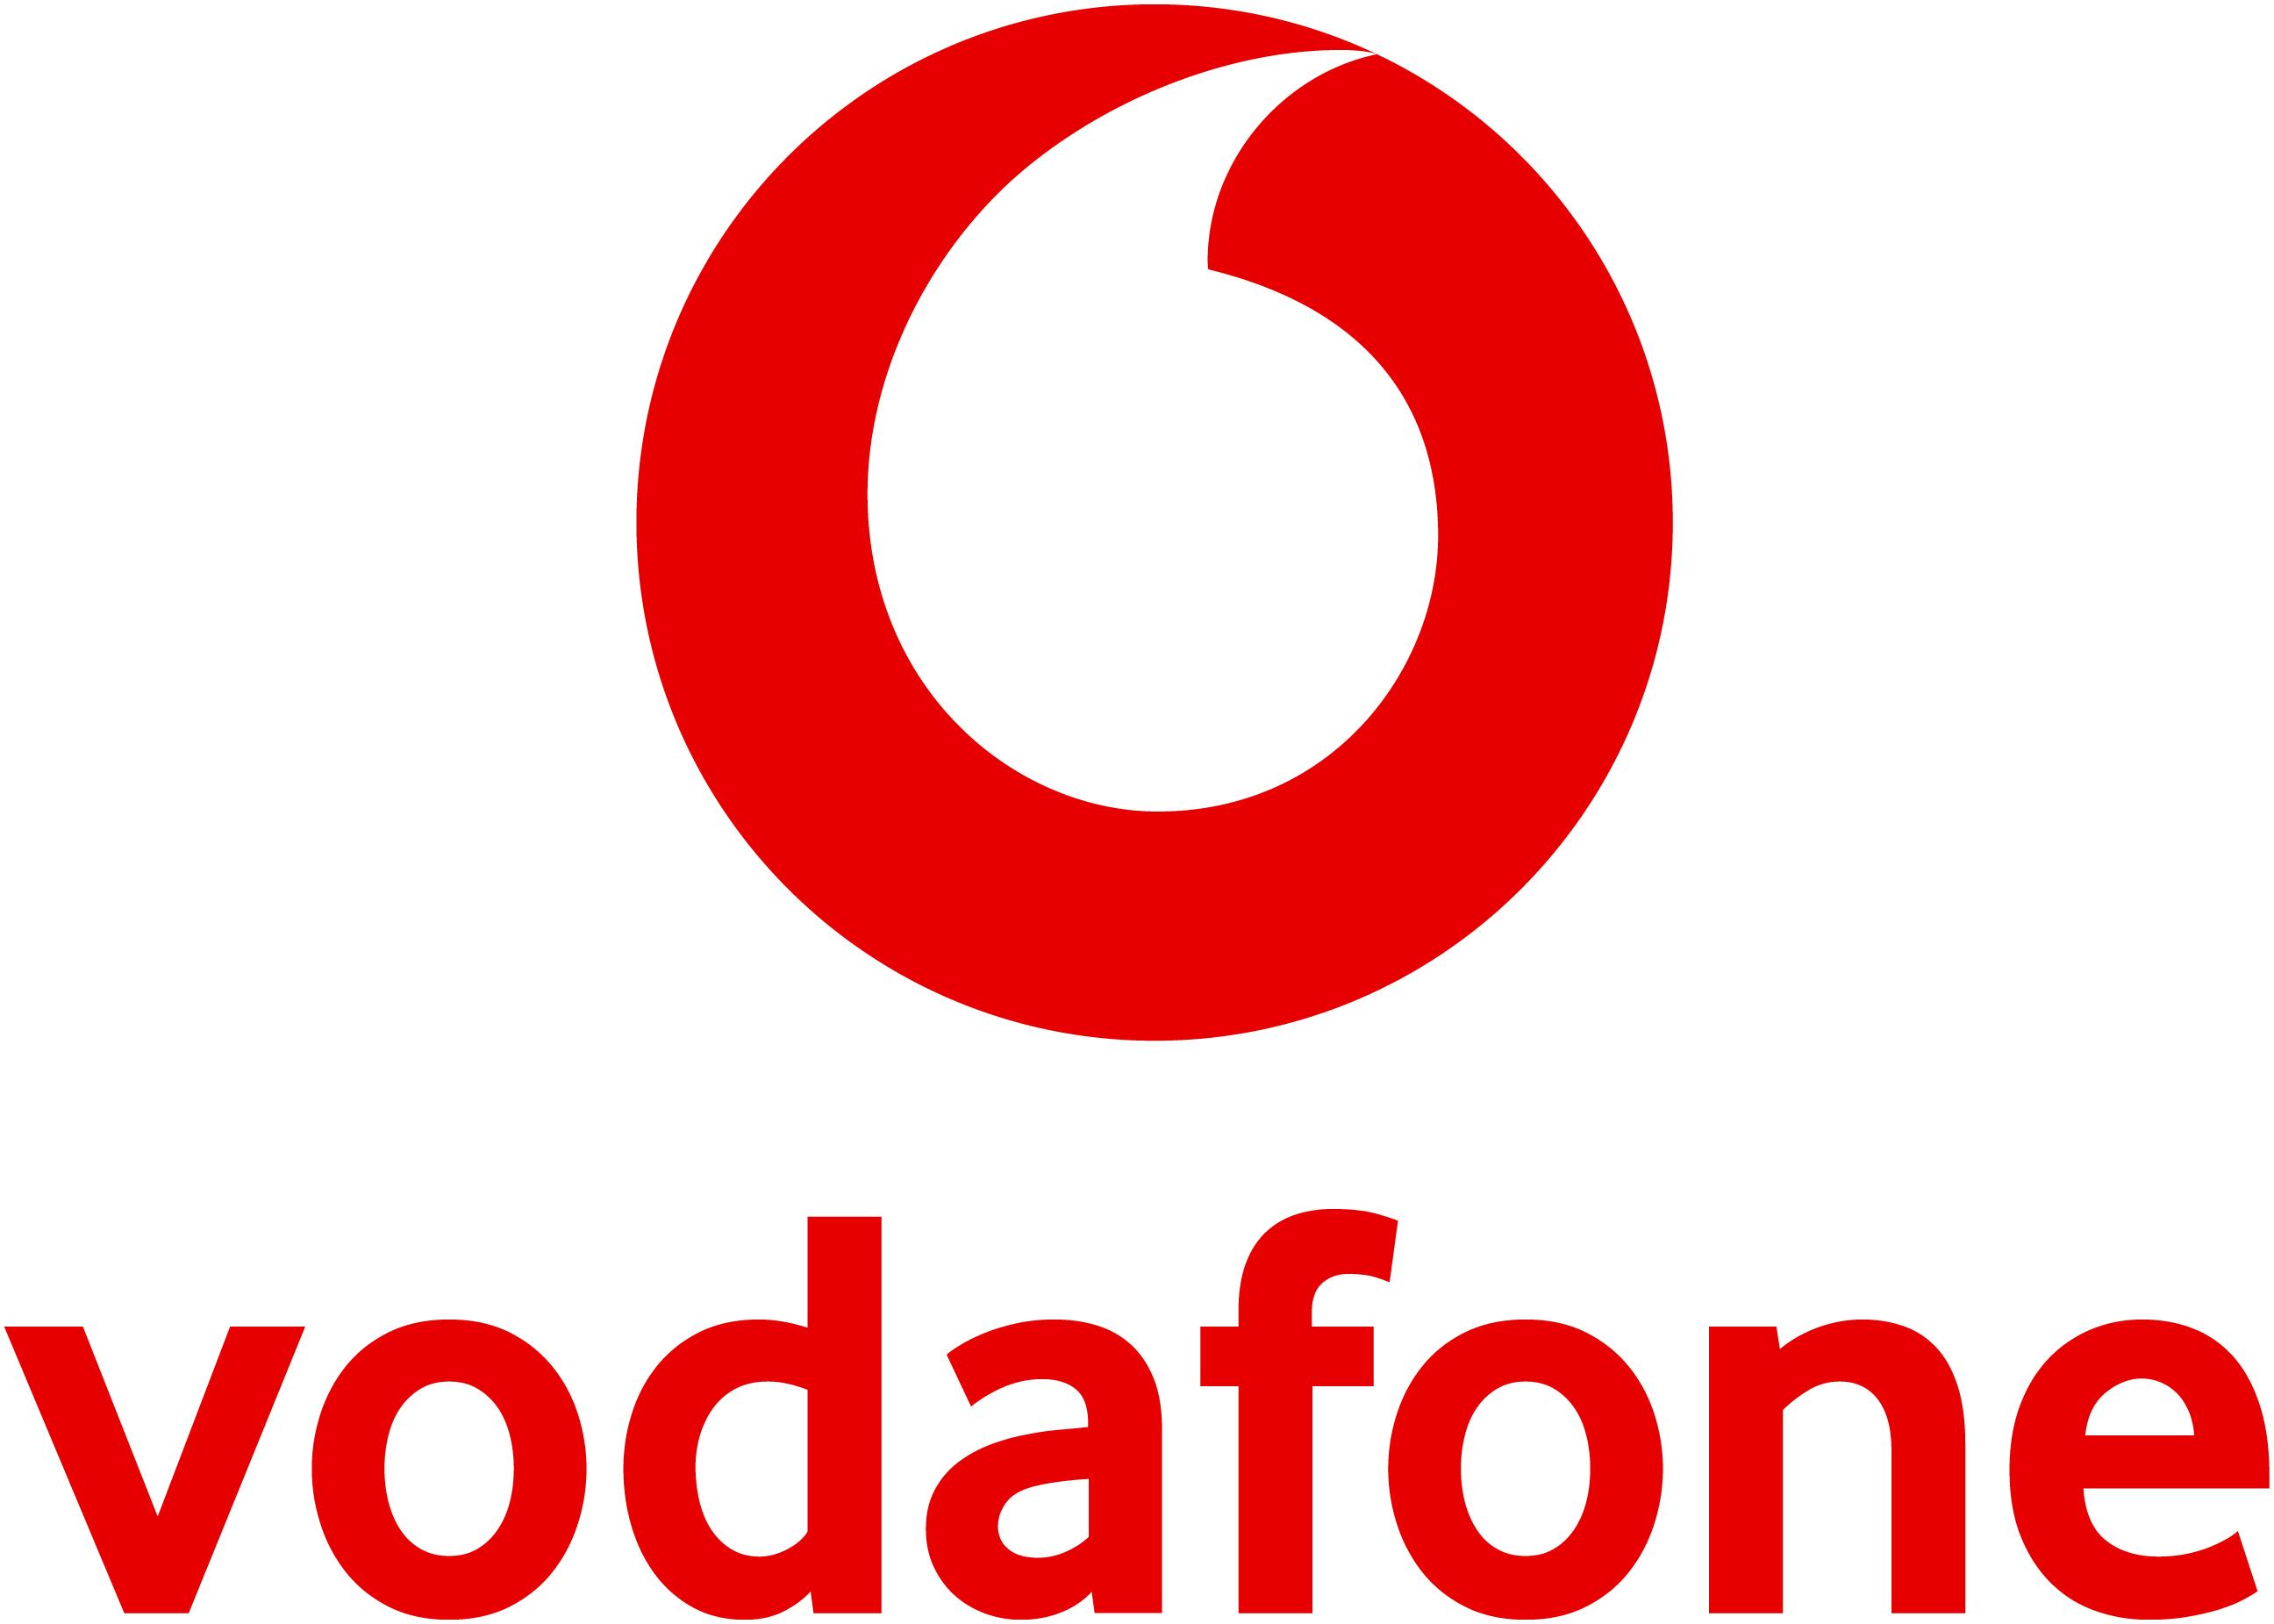 Vodafone DataGo M (8GB LTE) für mtl. eff. 7,49€ durch 240€ Auszahlung od. DataGo L (16GB LTE) für mtl. eff. 11,24€ durch 330€ Auszahlung